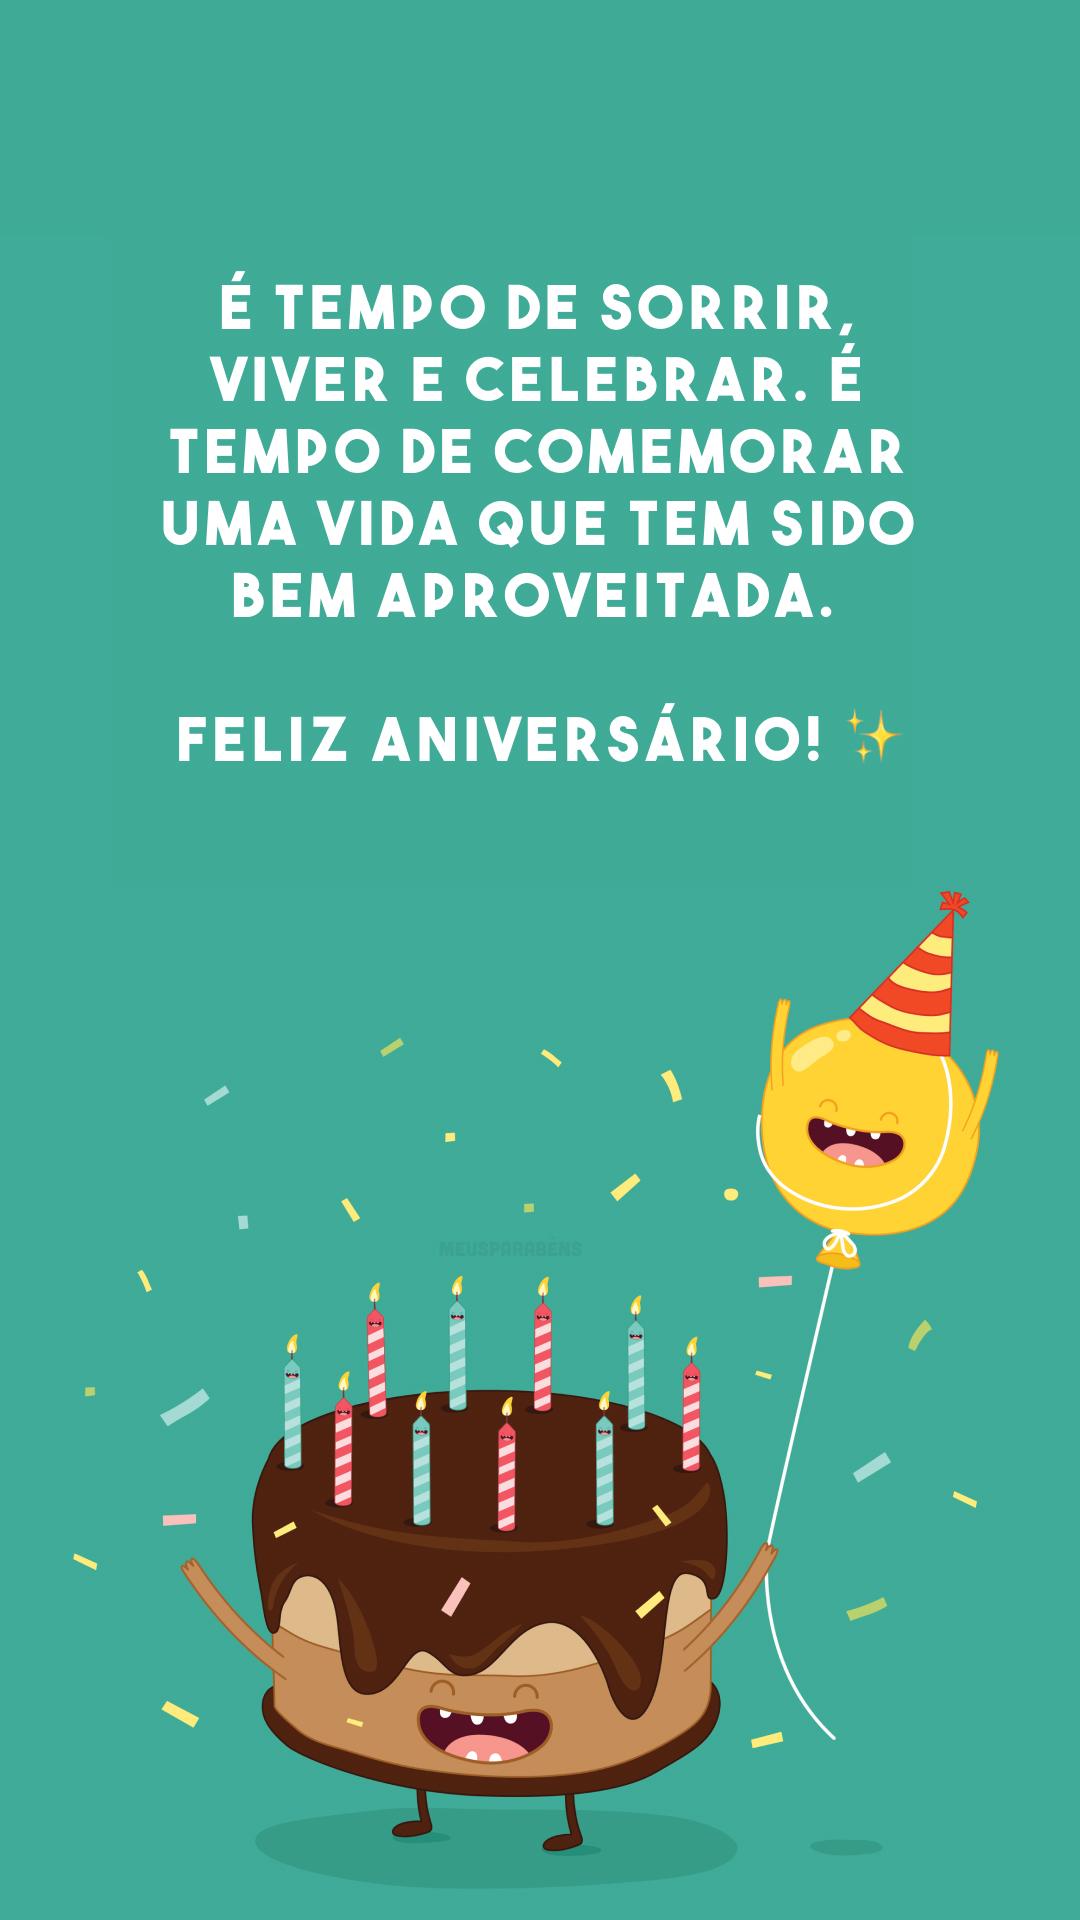 É tempo de sorrir, viver e celebrar. É tempo de comemorar uma vida que tem sido bem aproveitada. Feliz aniversário! ✨